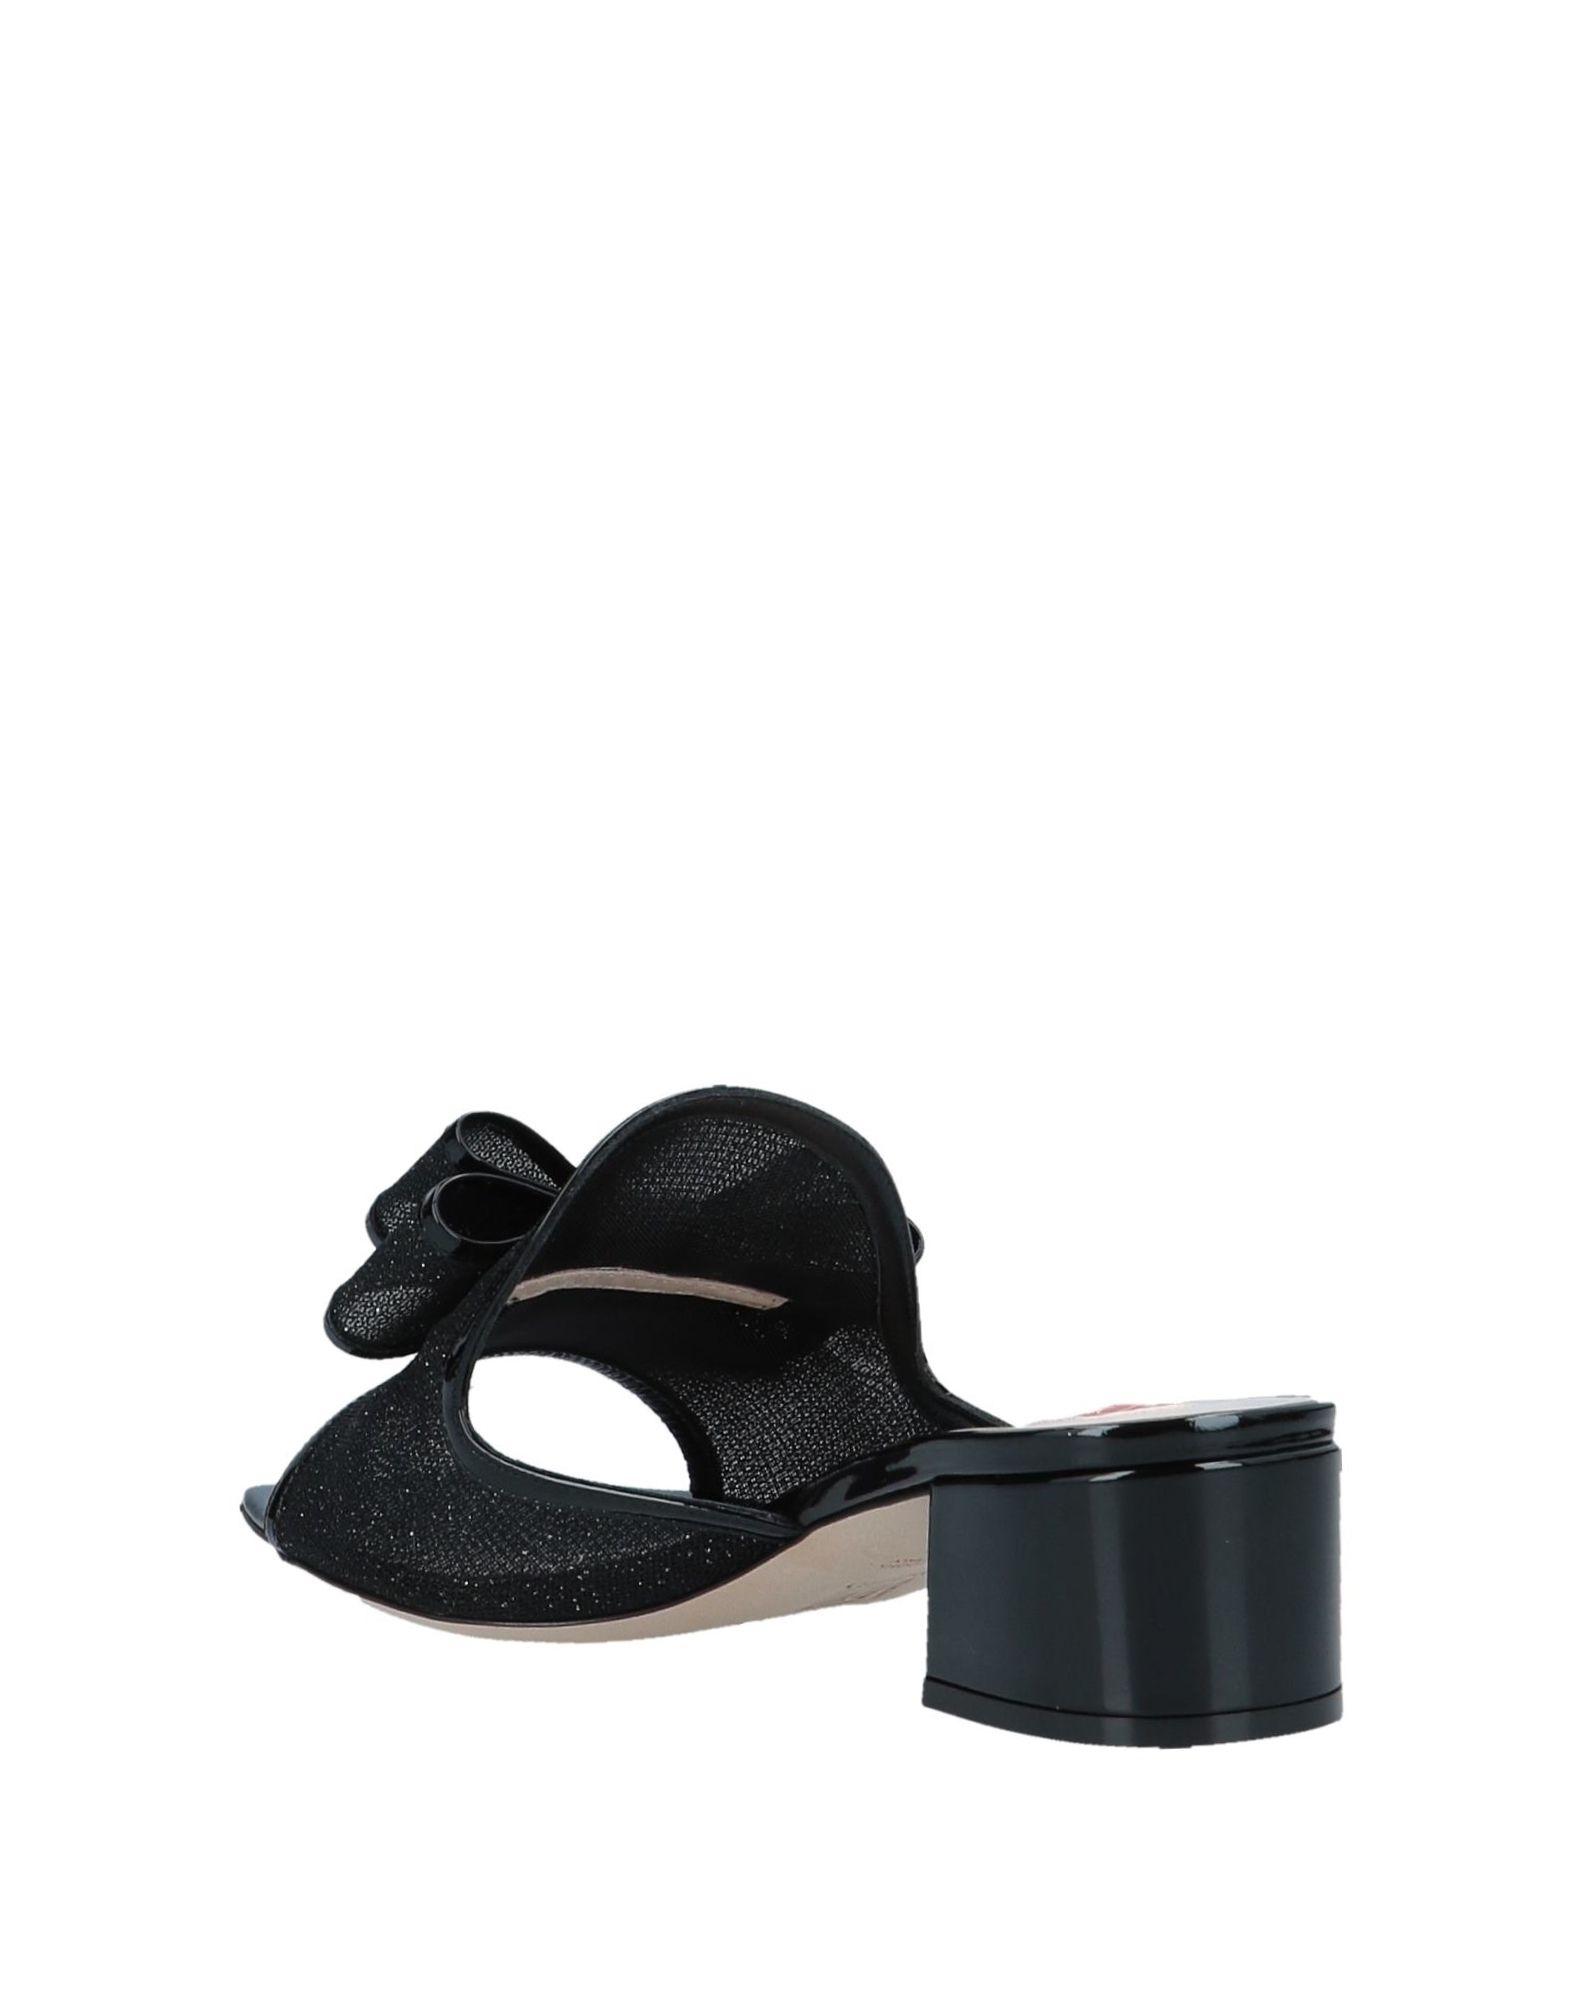 Rabatt Schuhe Ballin Sandalen  Damen  Sandalen 11576229BX dd8871